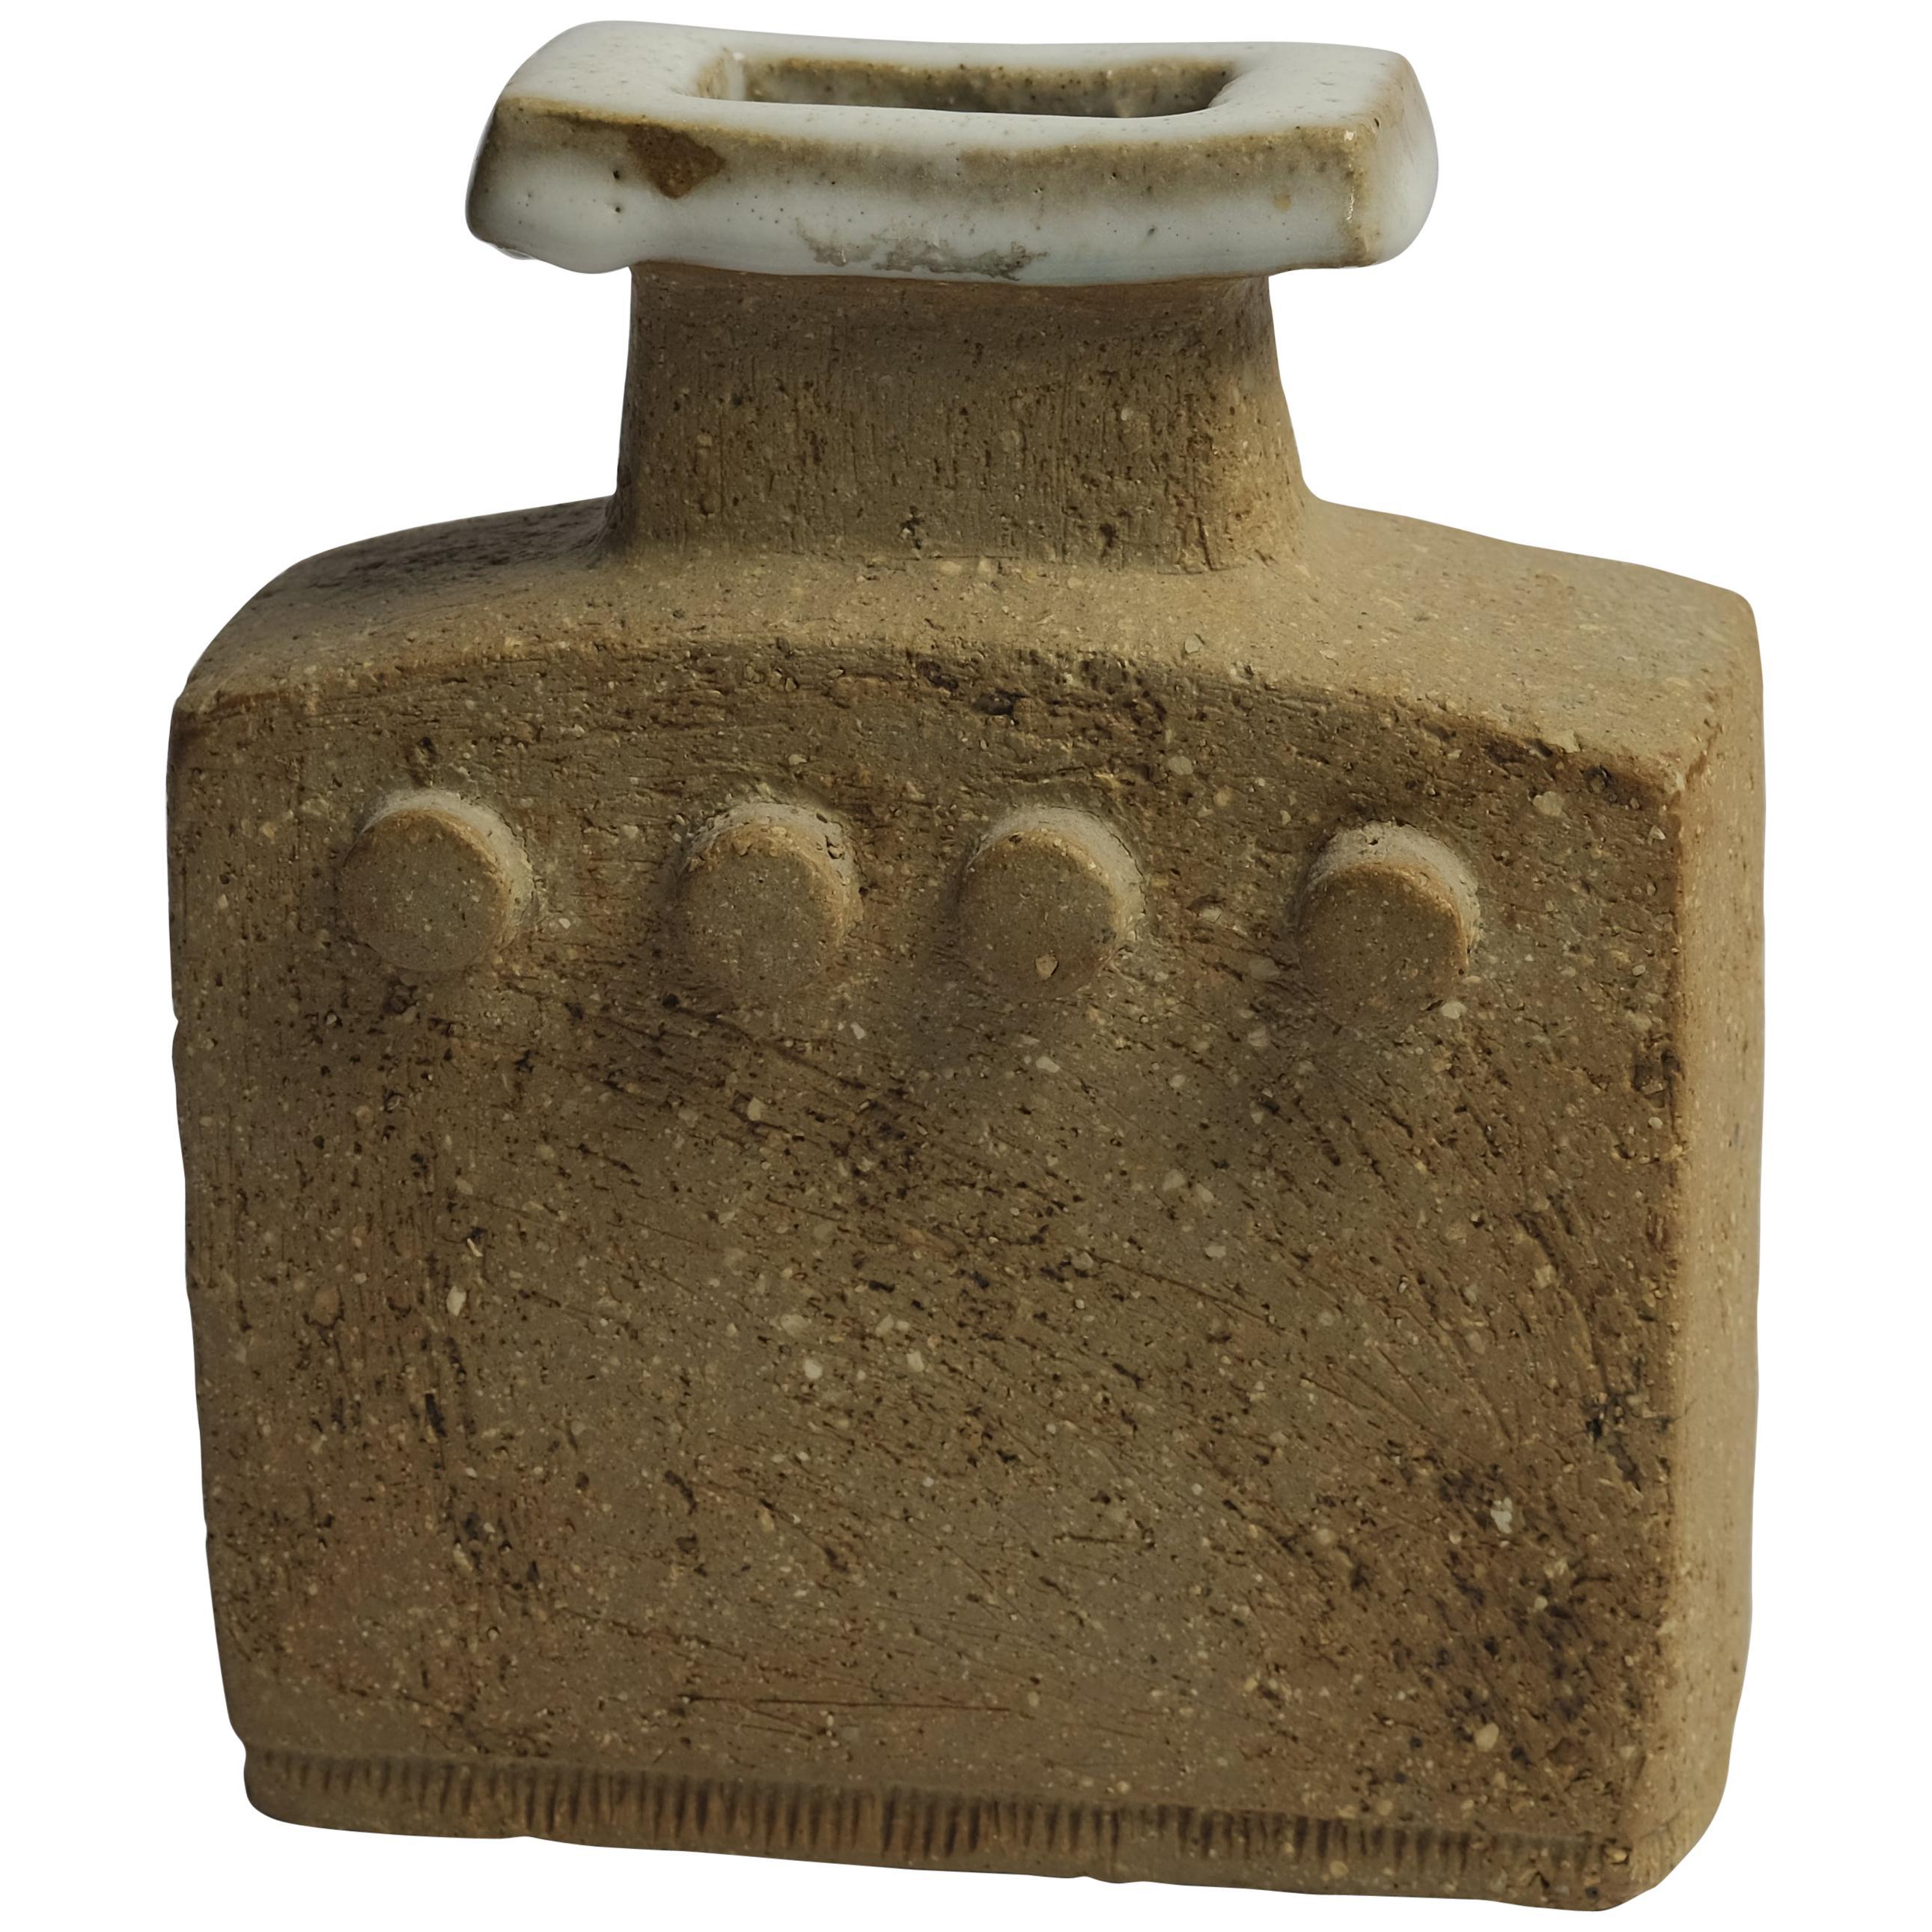 Brutalist Stoneware Vase by Curt Magnus Addin, Sweden, 1970s